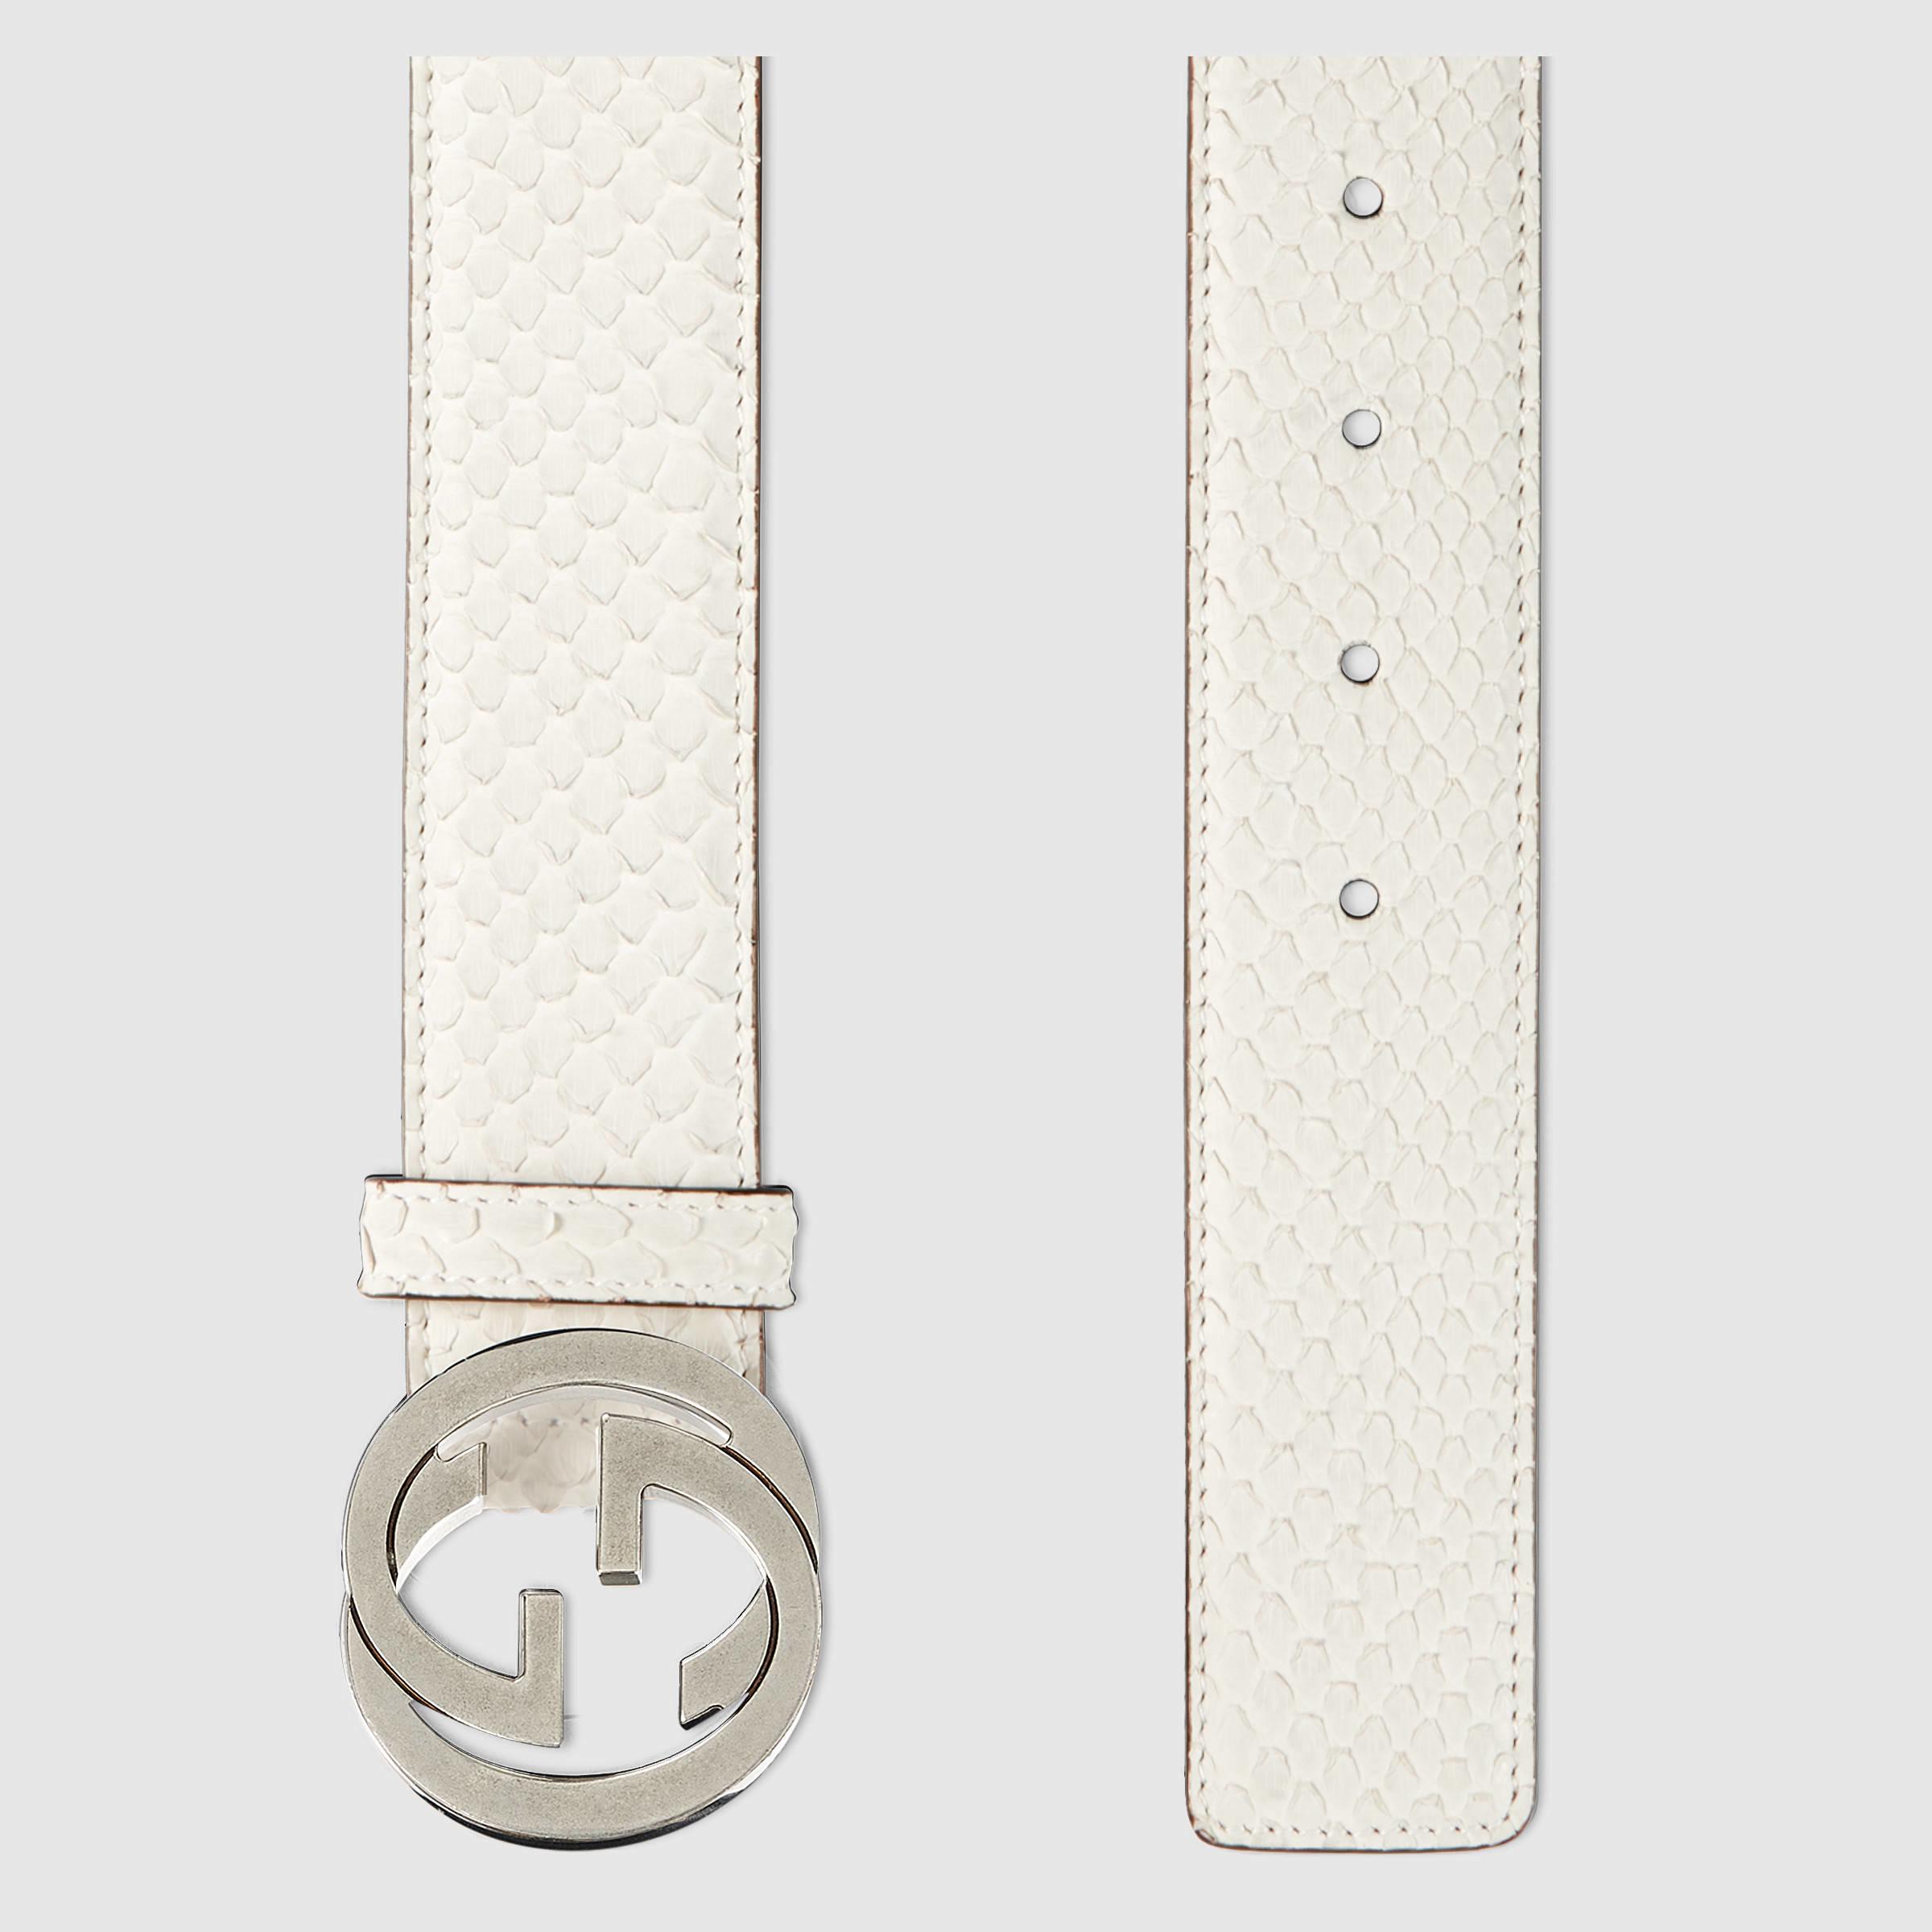 2da9d8434 Gucci Python Belt With Interlocking G in White - Lyst